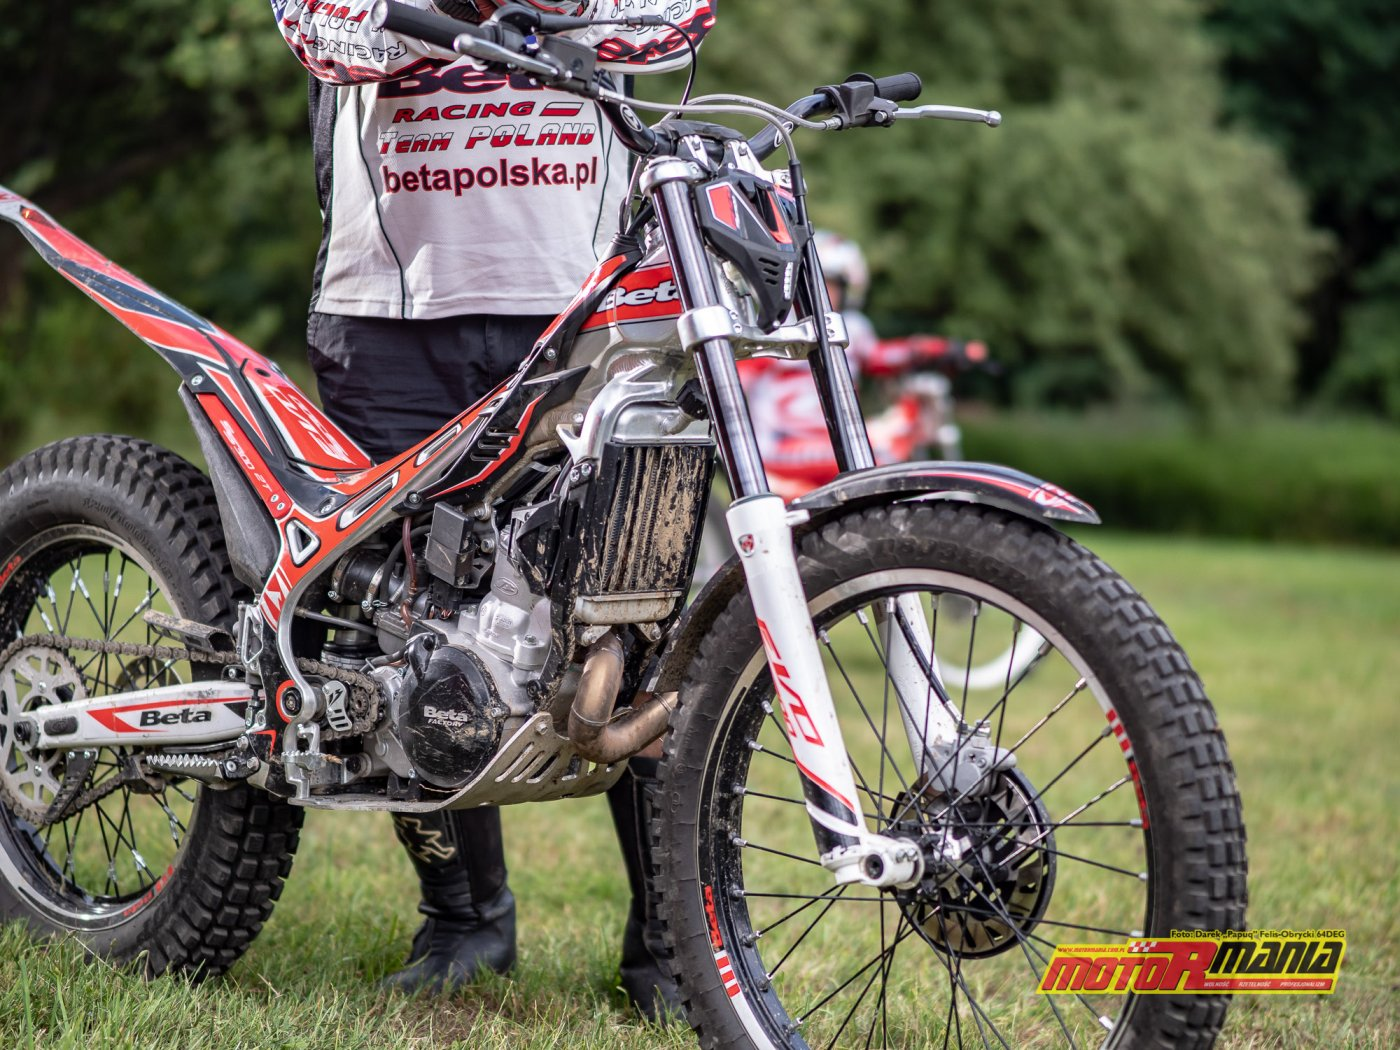 szkolenie trial technika jazdy trialówka - Piotr Jedrzejak jedzie - Andrzej Mistarz trener (4) - fot 64deg